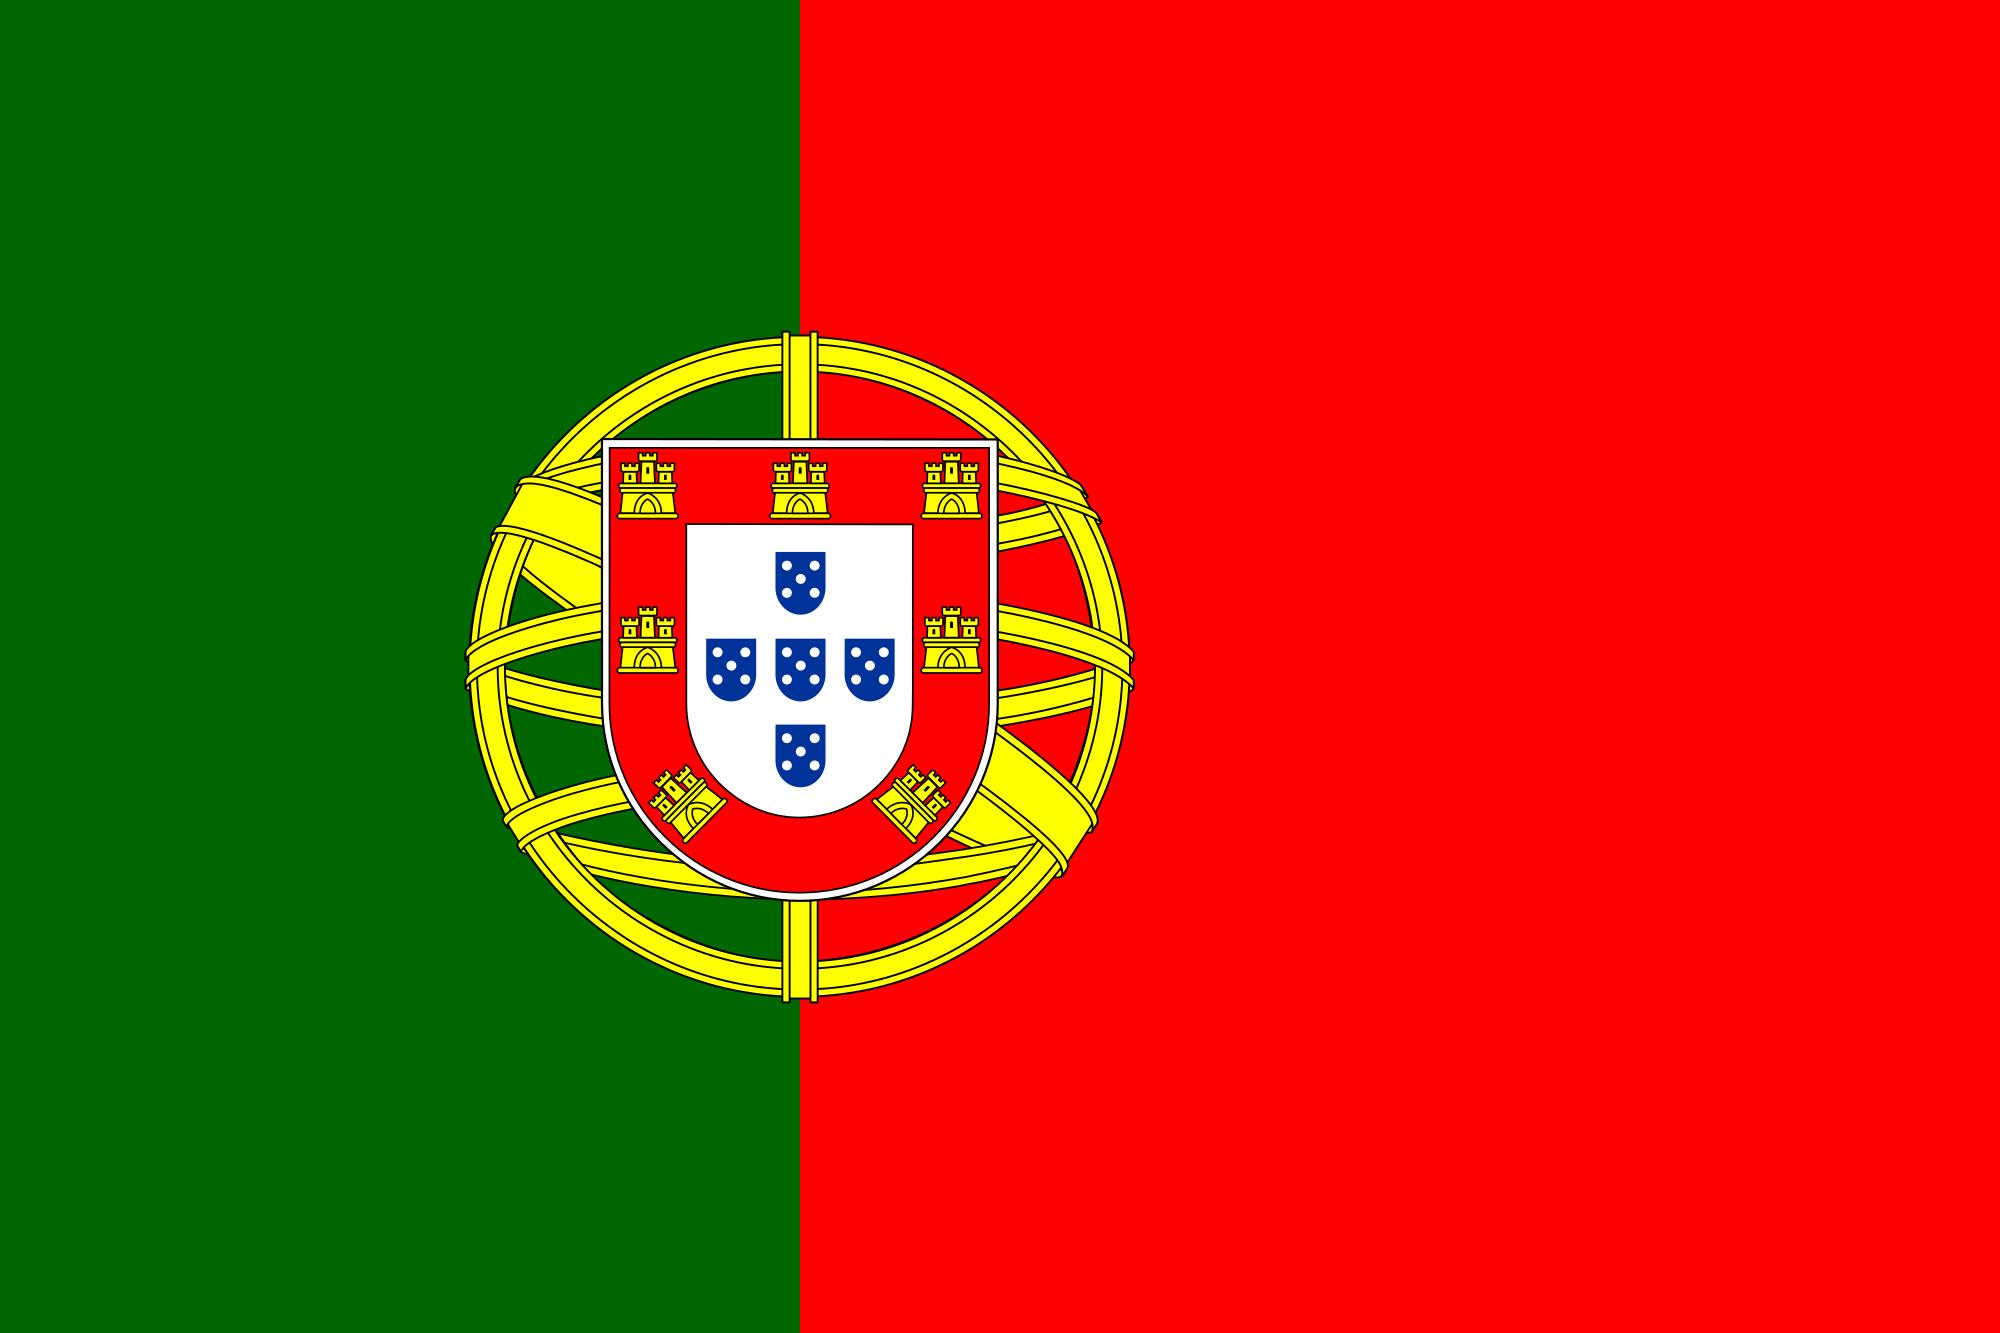 I contratti di lavoro in Europa - Portogallo